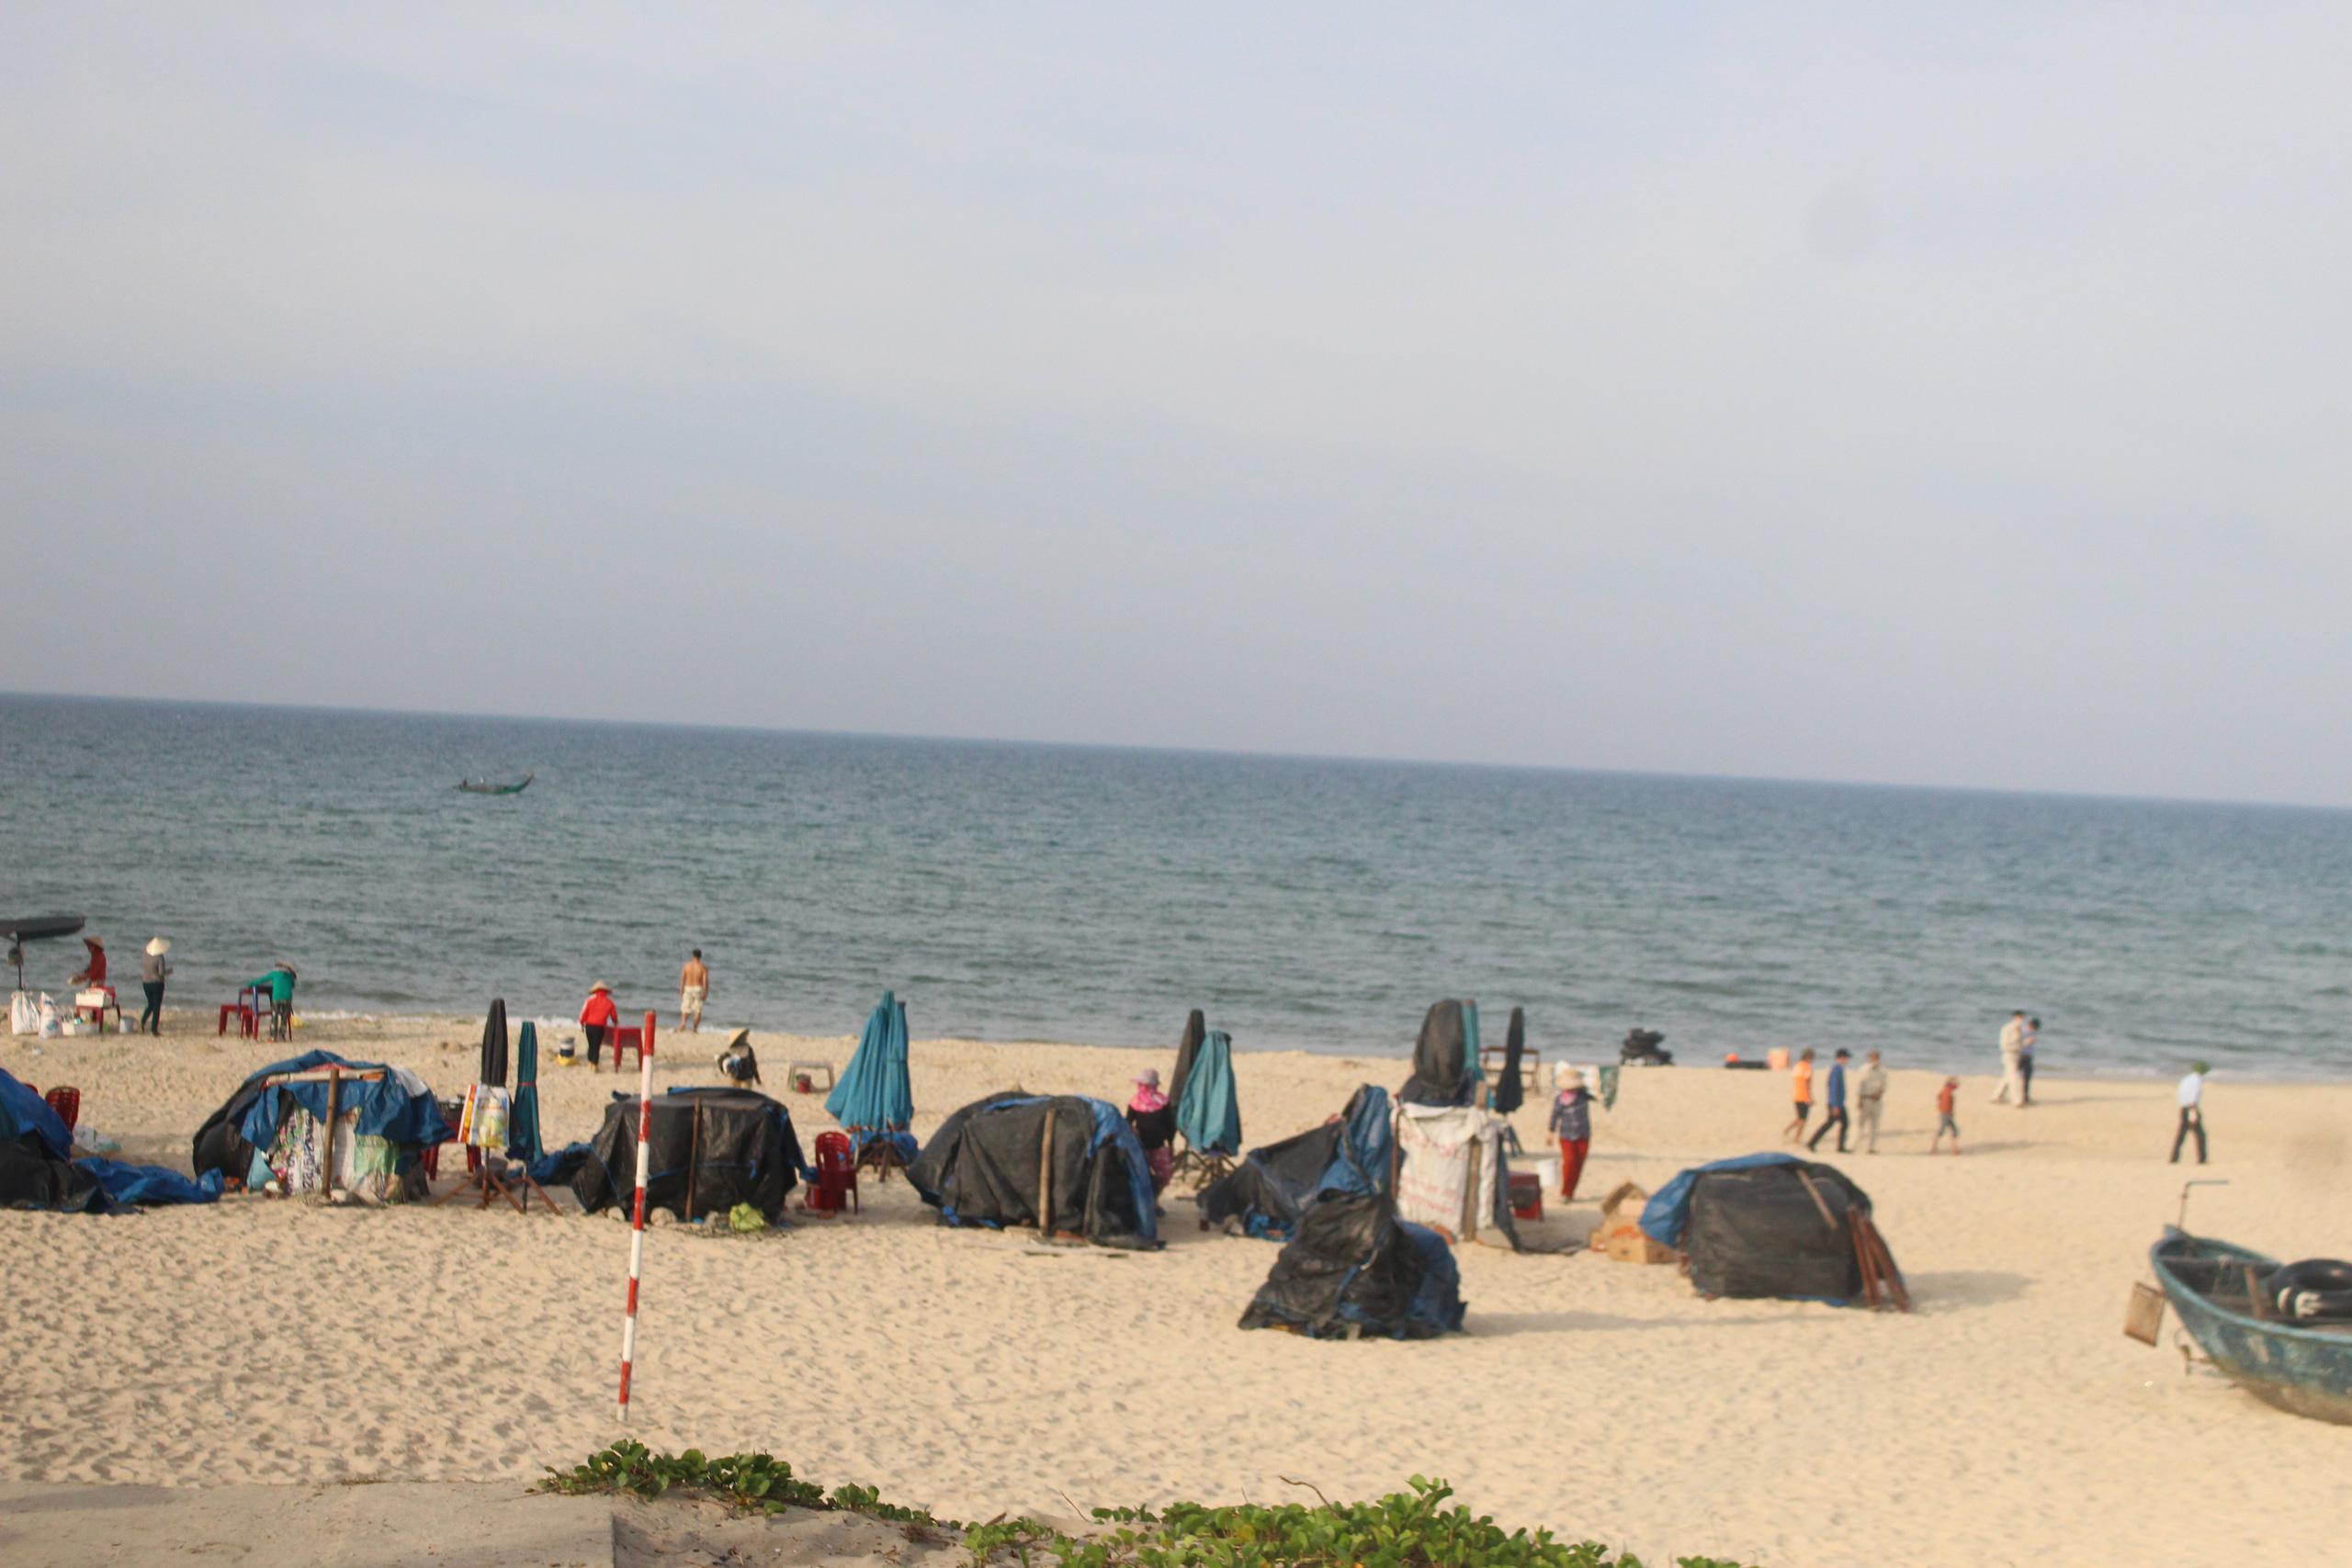 Quảng Nam: Ra quân xử lý vi phạm phòng, chống dịch COVID-19 tại bãi biển Tam Thanh. - Ảnh 2.